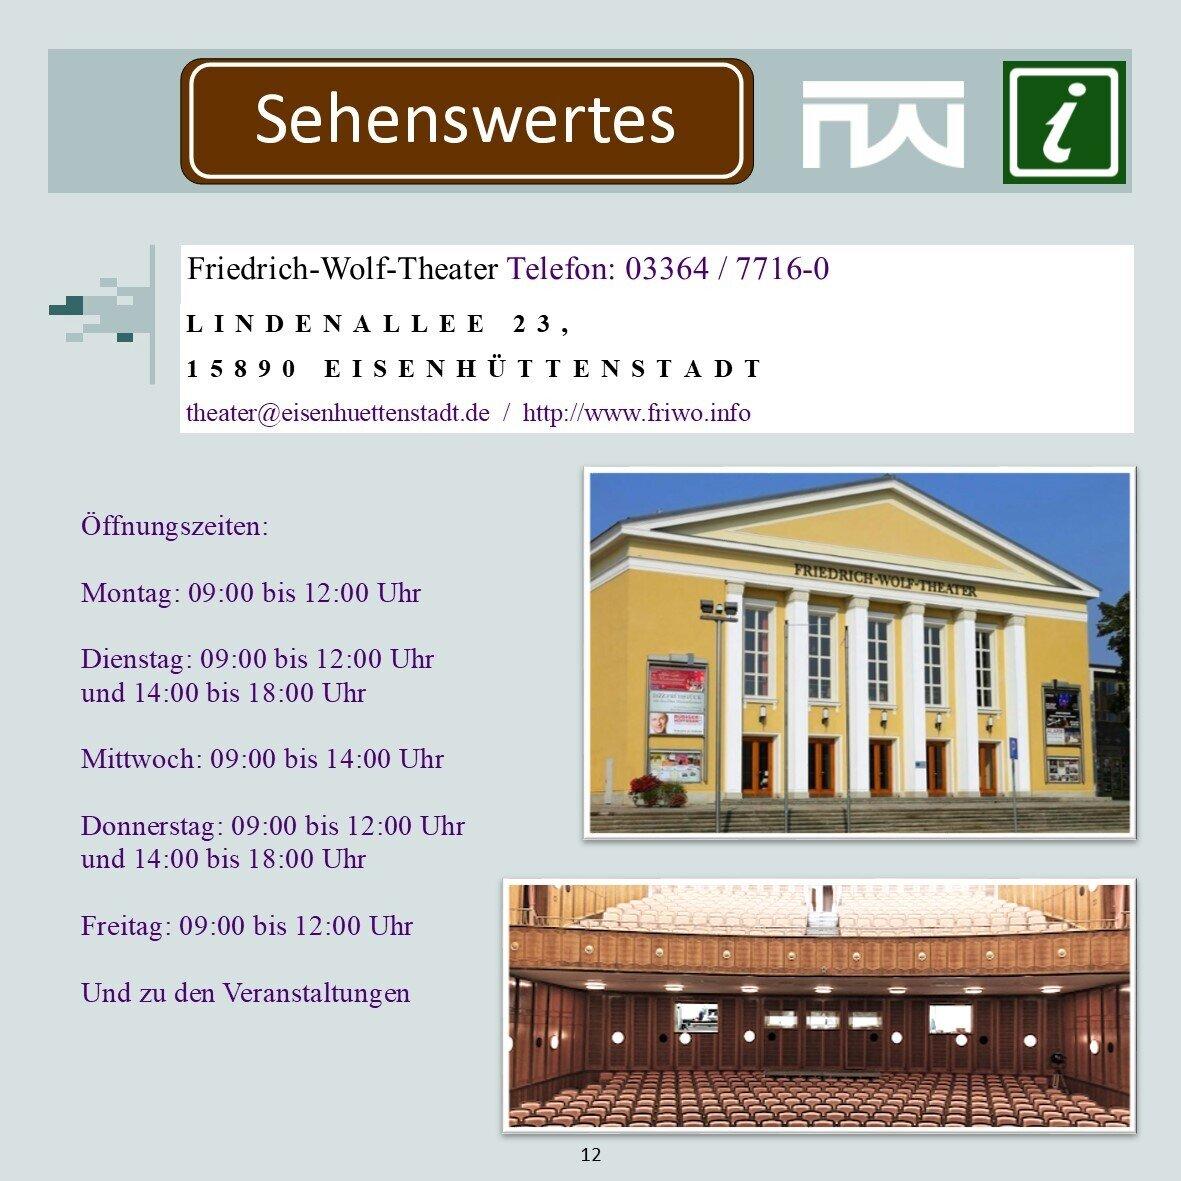 Eisenh_ttenstadt_Freizeitgestaltung12